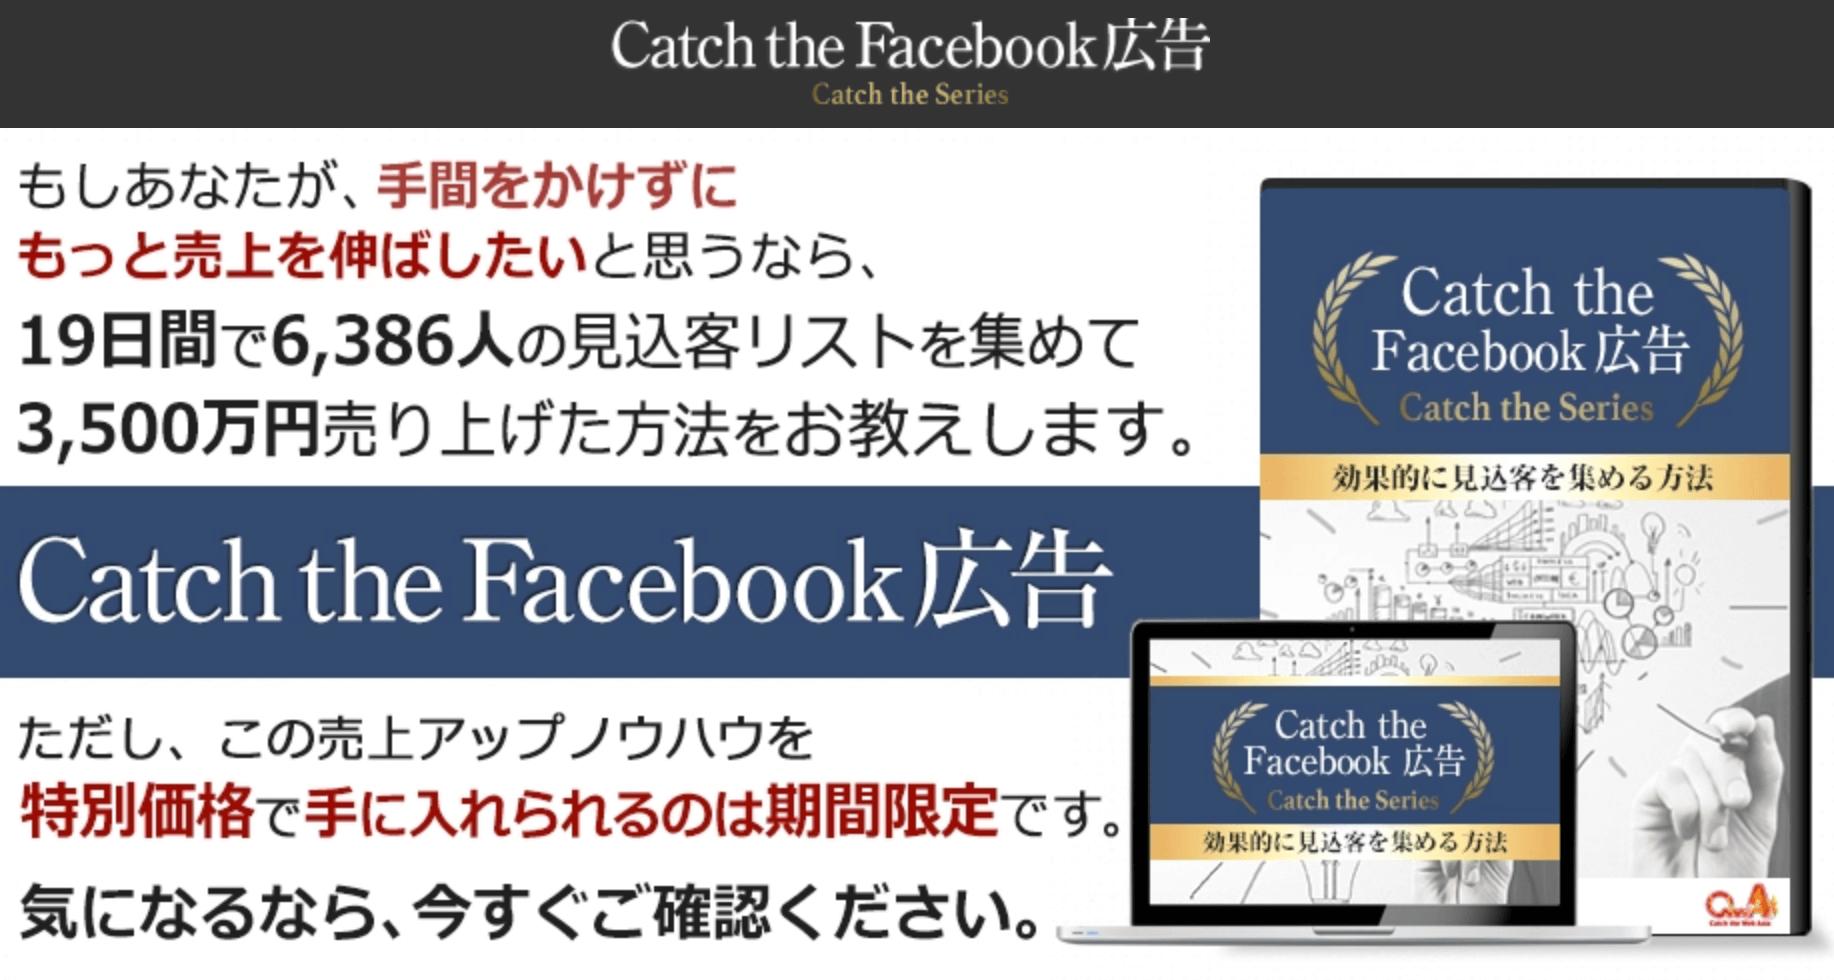 キャッチザフェイスブック広告豪華特典(Catch the Facebook広告)評価レビュー